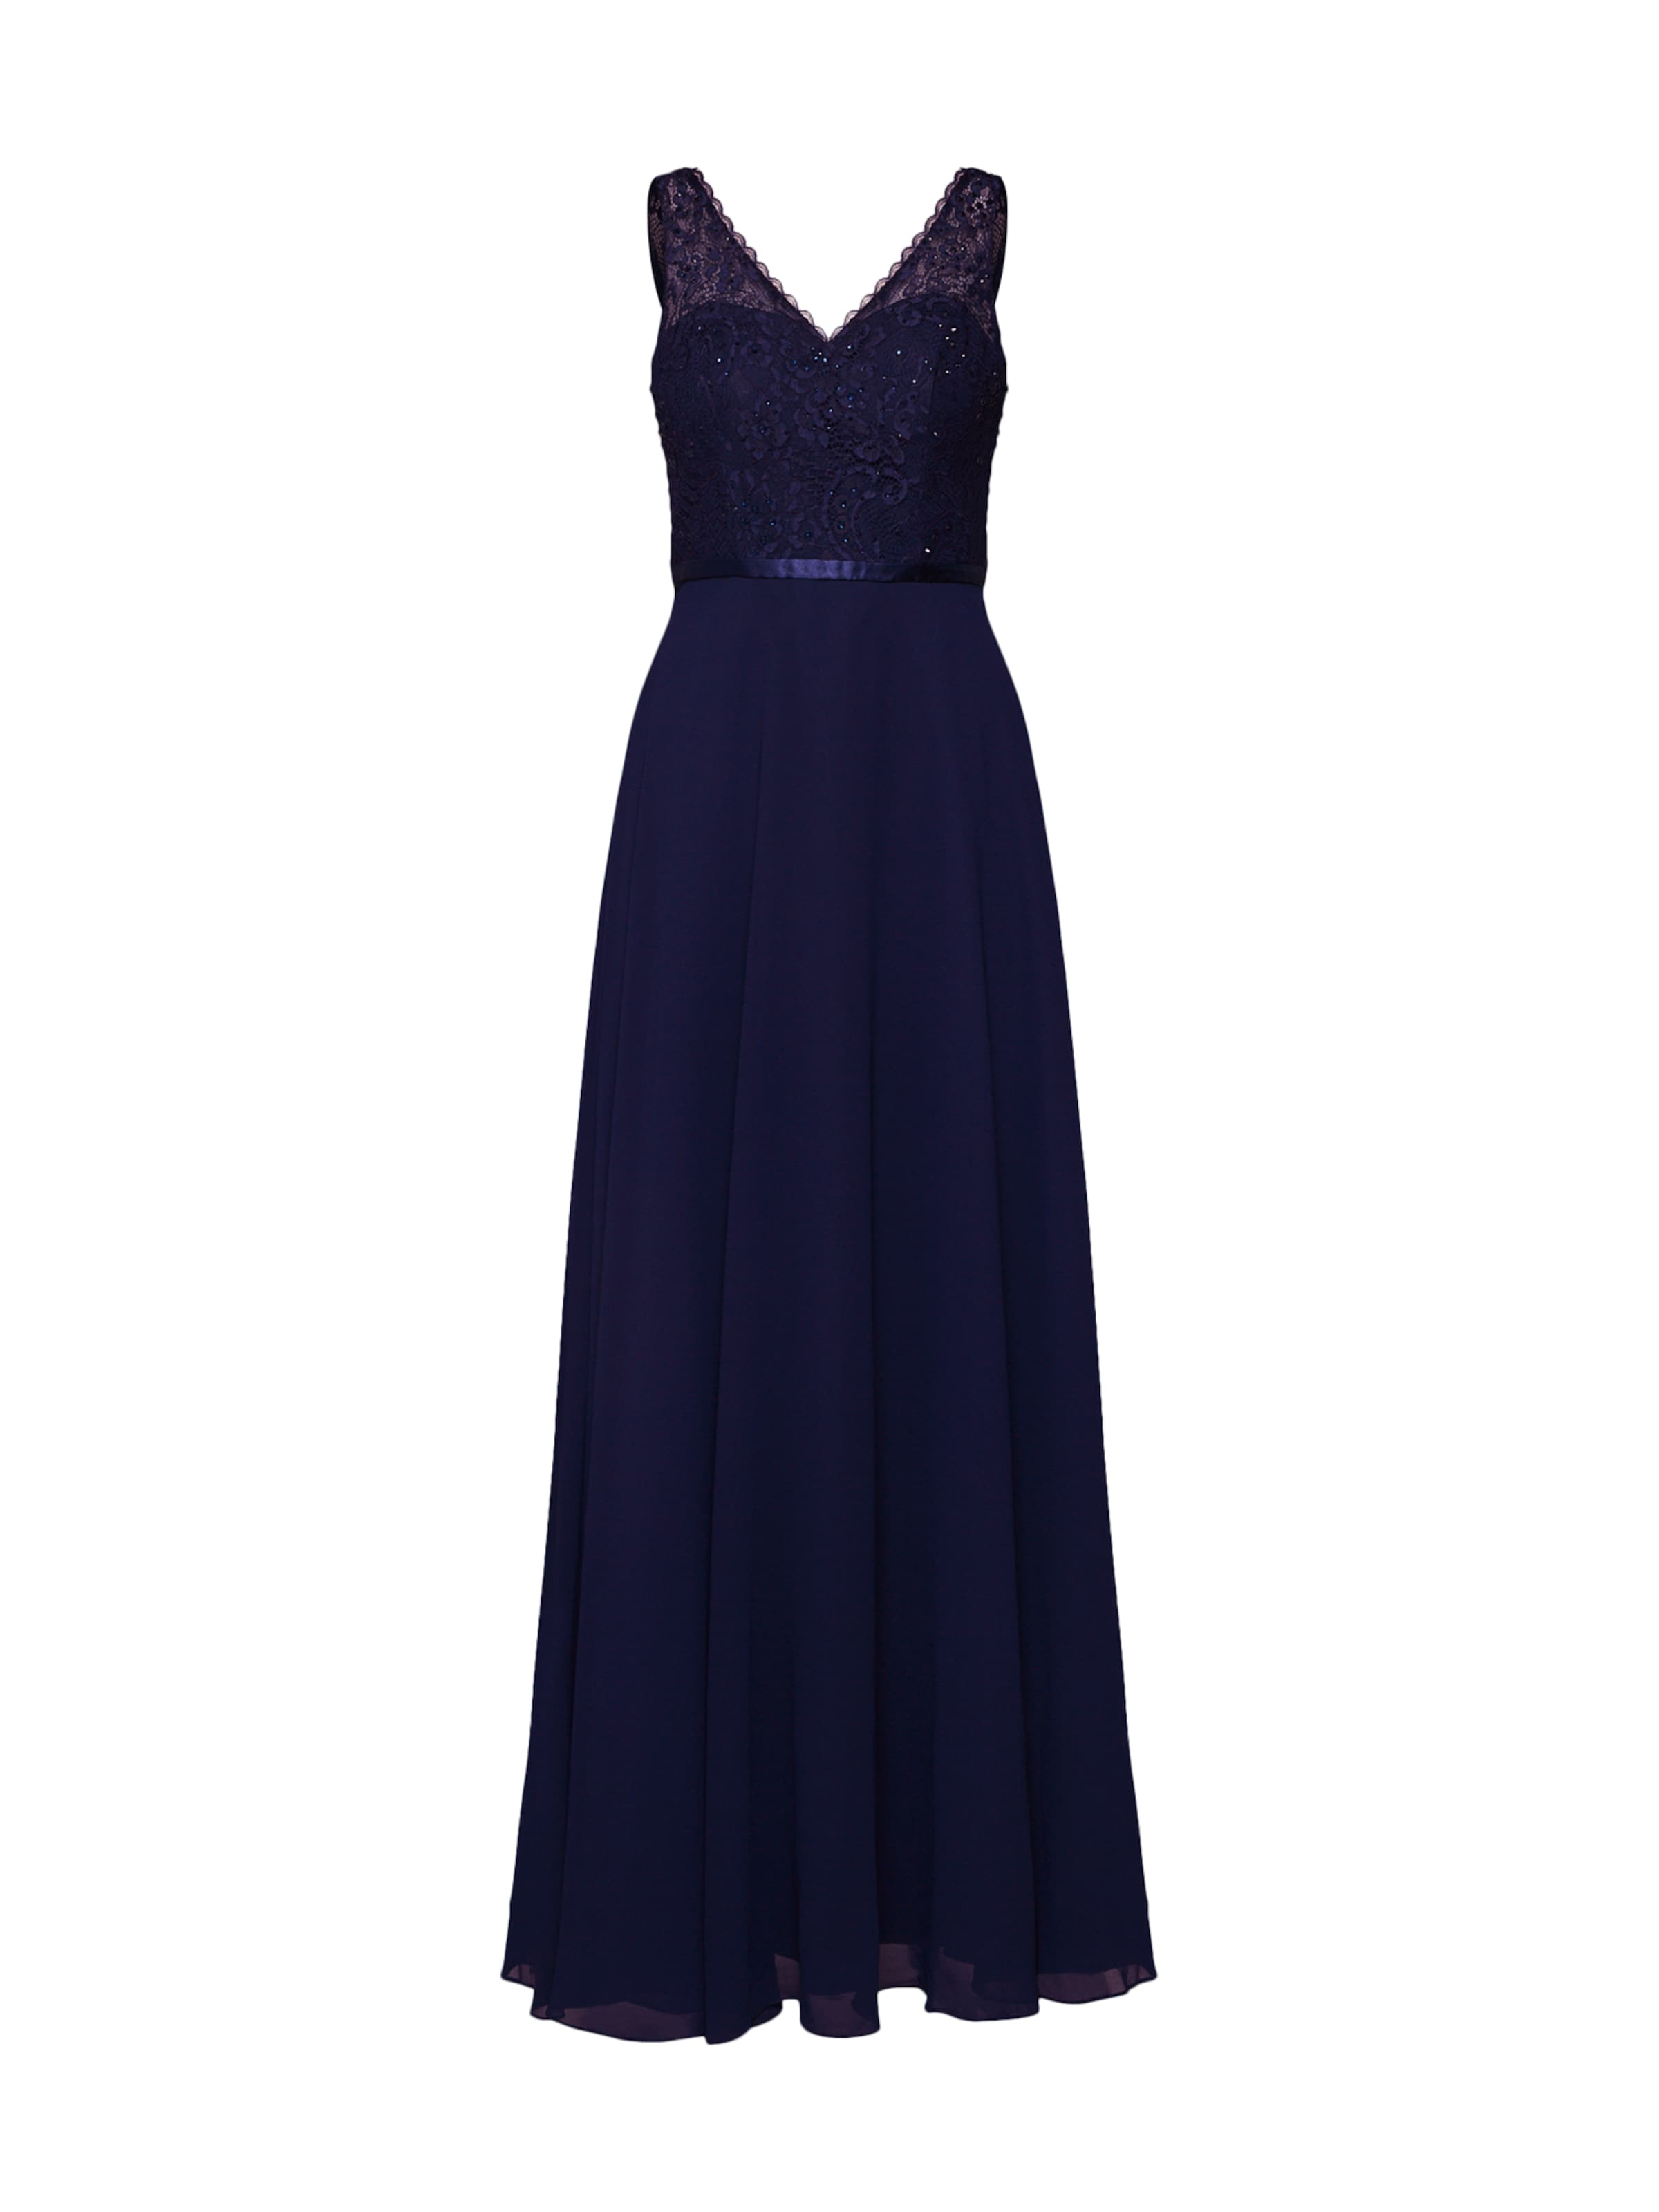 Soirée En Laona Bleu Marine Robe De 2EHD9I